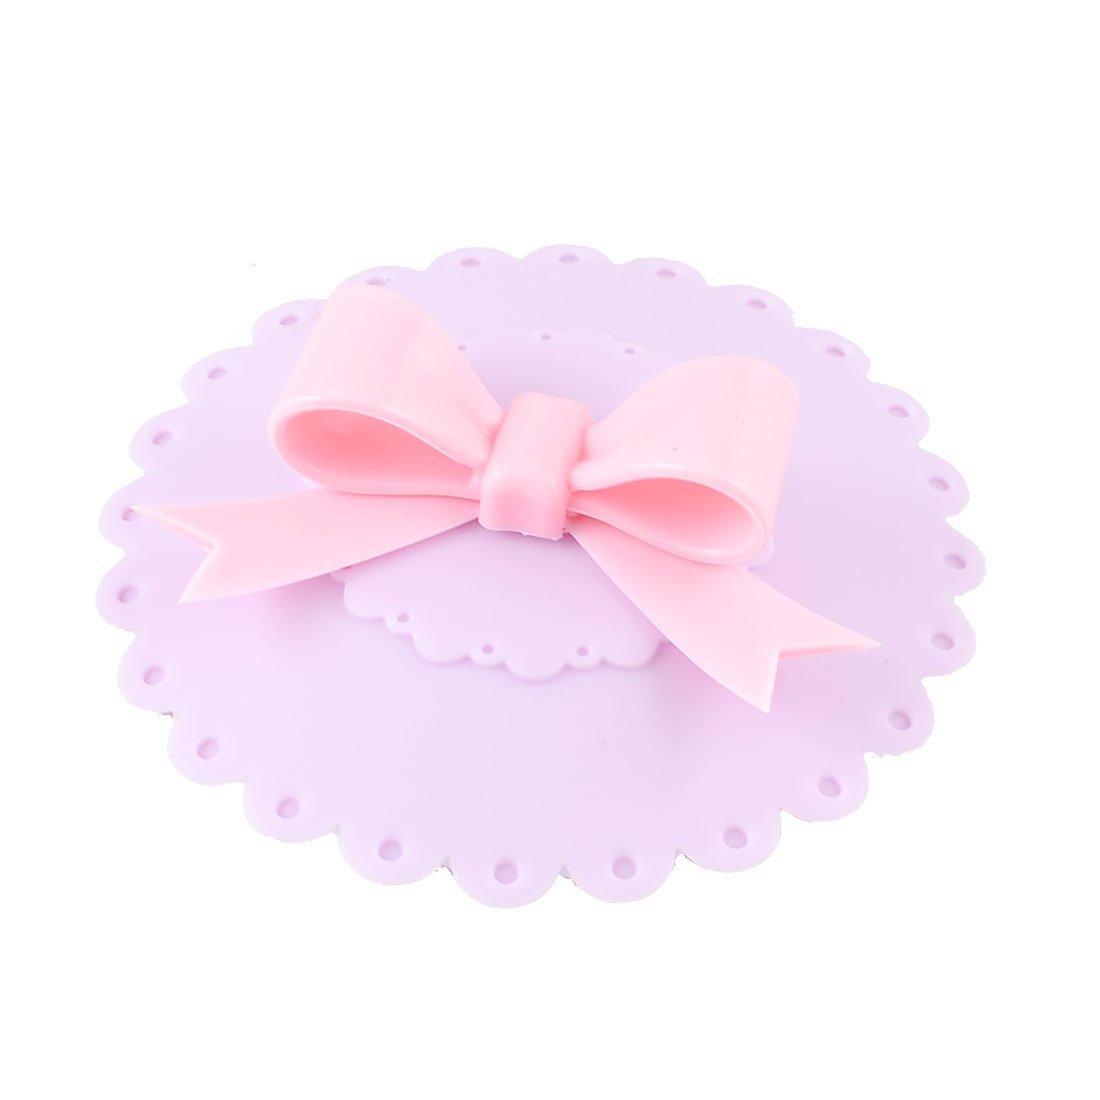 SODIAL(R) Tapa Cubierta para Vaso Copa, Tapa Estanca de Silicona Purpura con Lazo de Color Rosa   Comentarios y más información